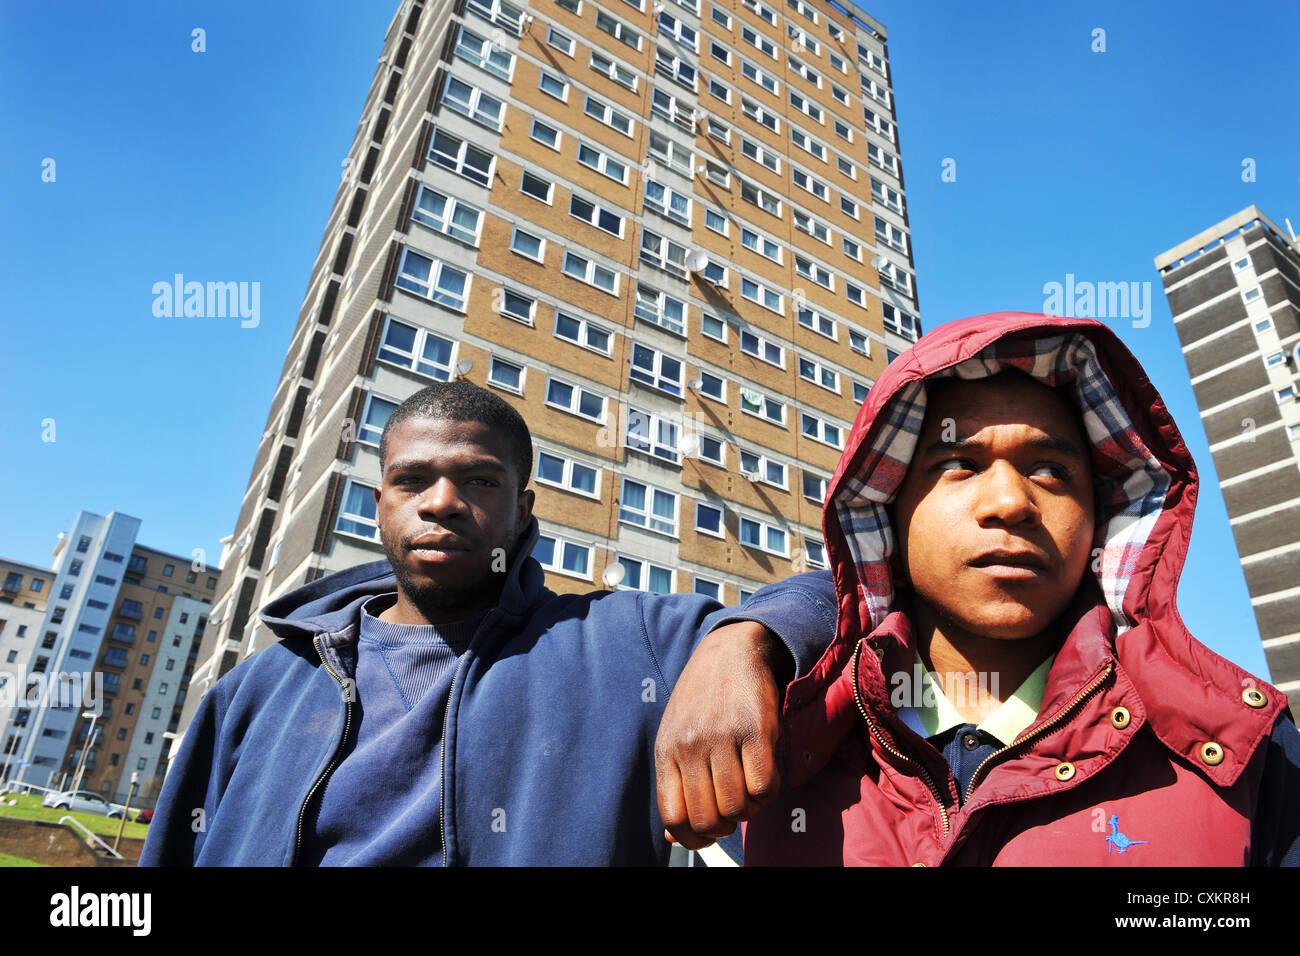 Junge Arbeitslose Jugendliche Leeds UK Stockbild